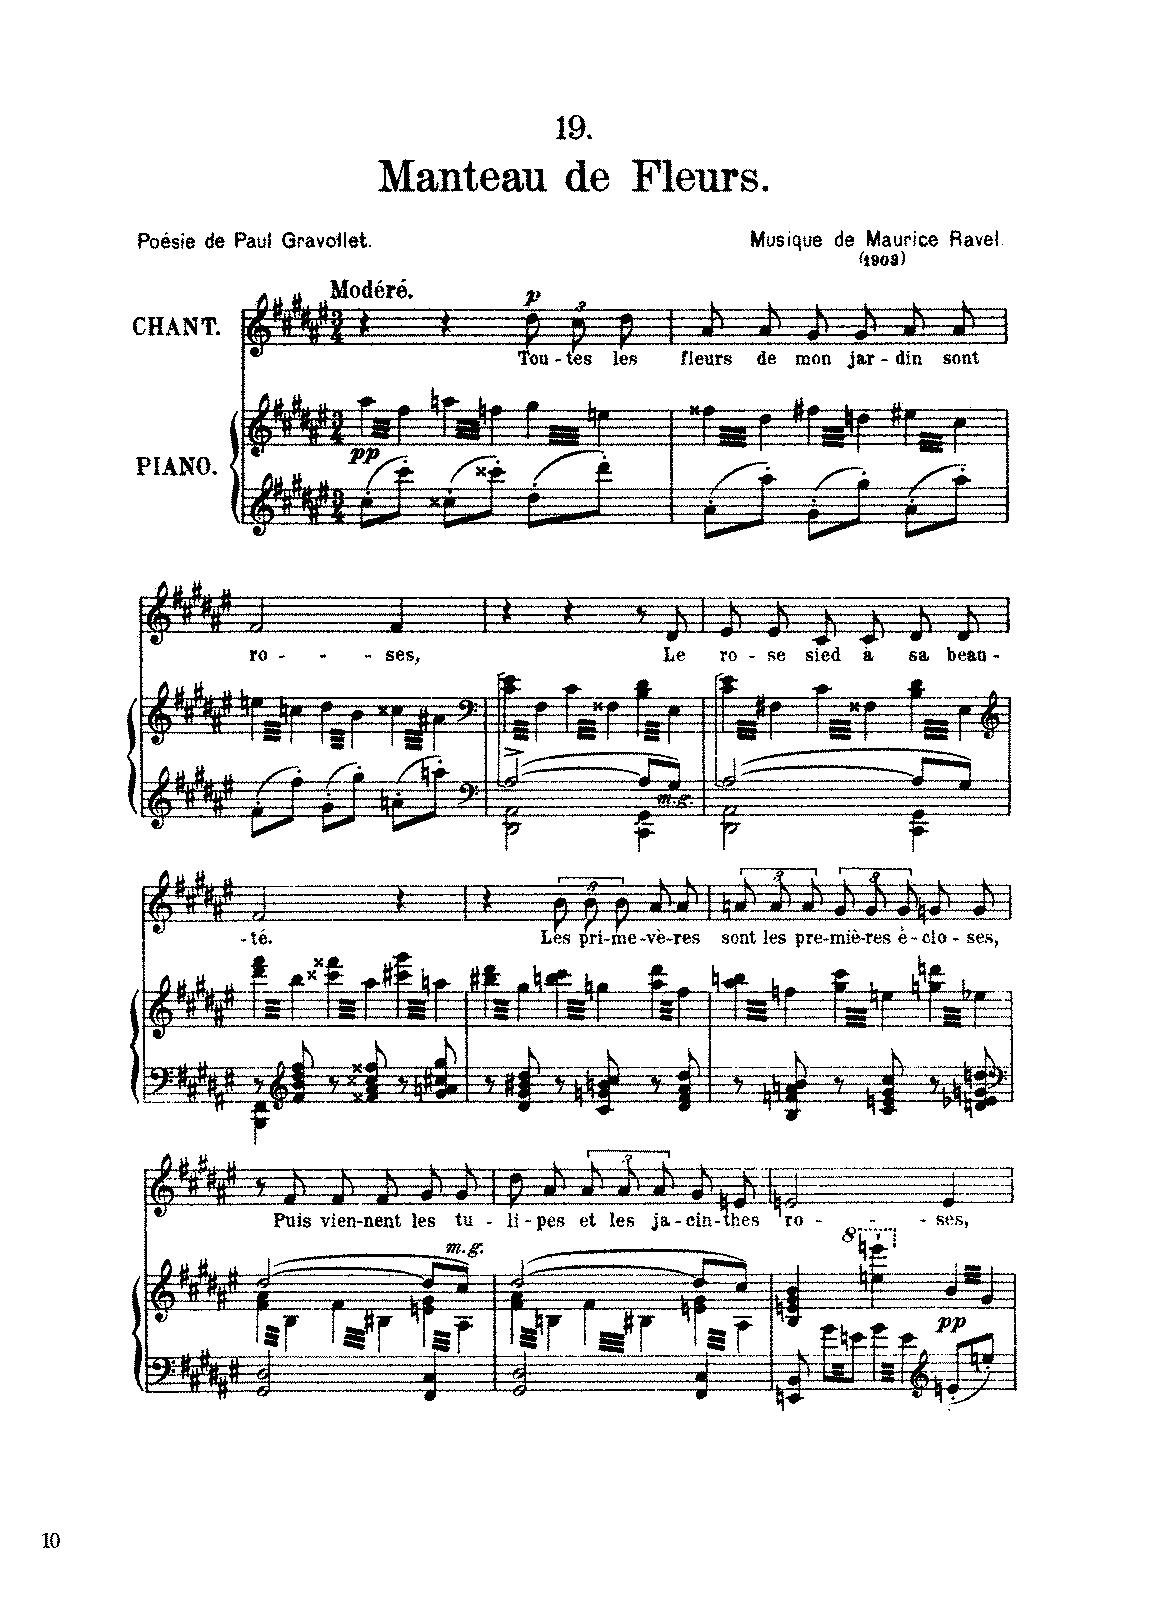 Manteau de fleurs (Ravel, Maurice) - IMSLP/Petrucci Music Library ...